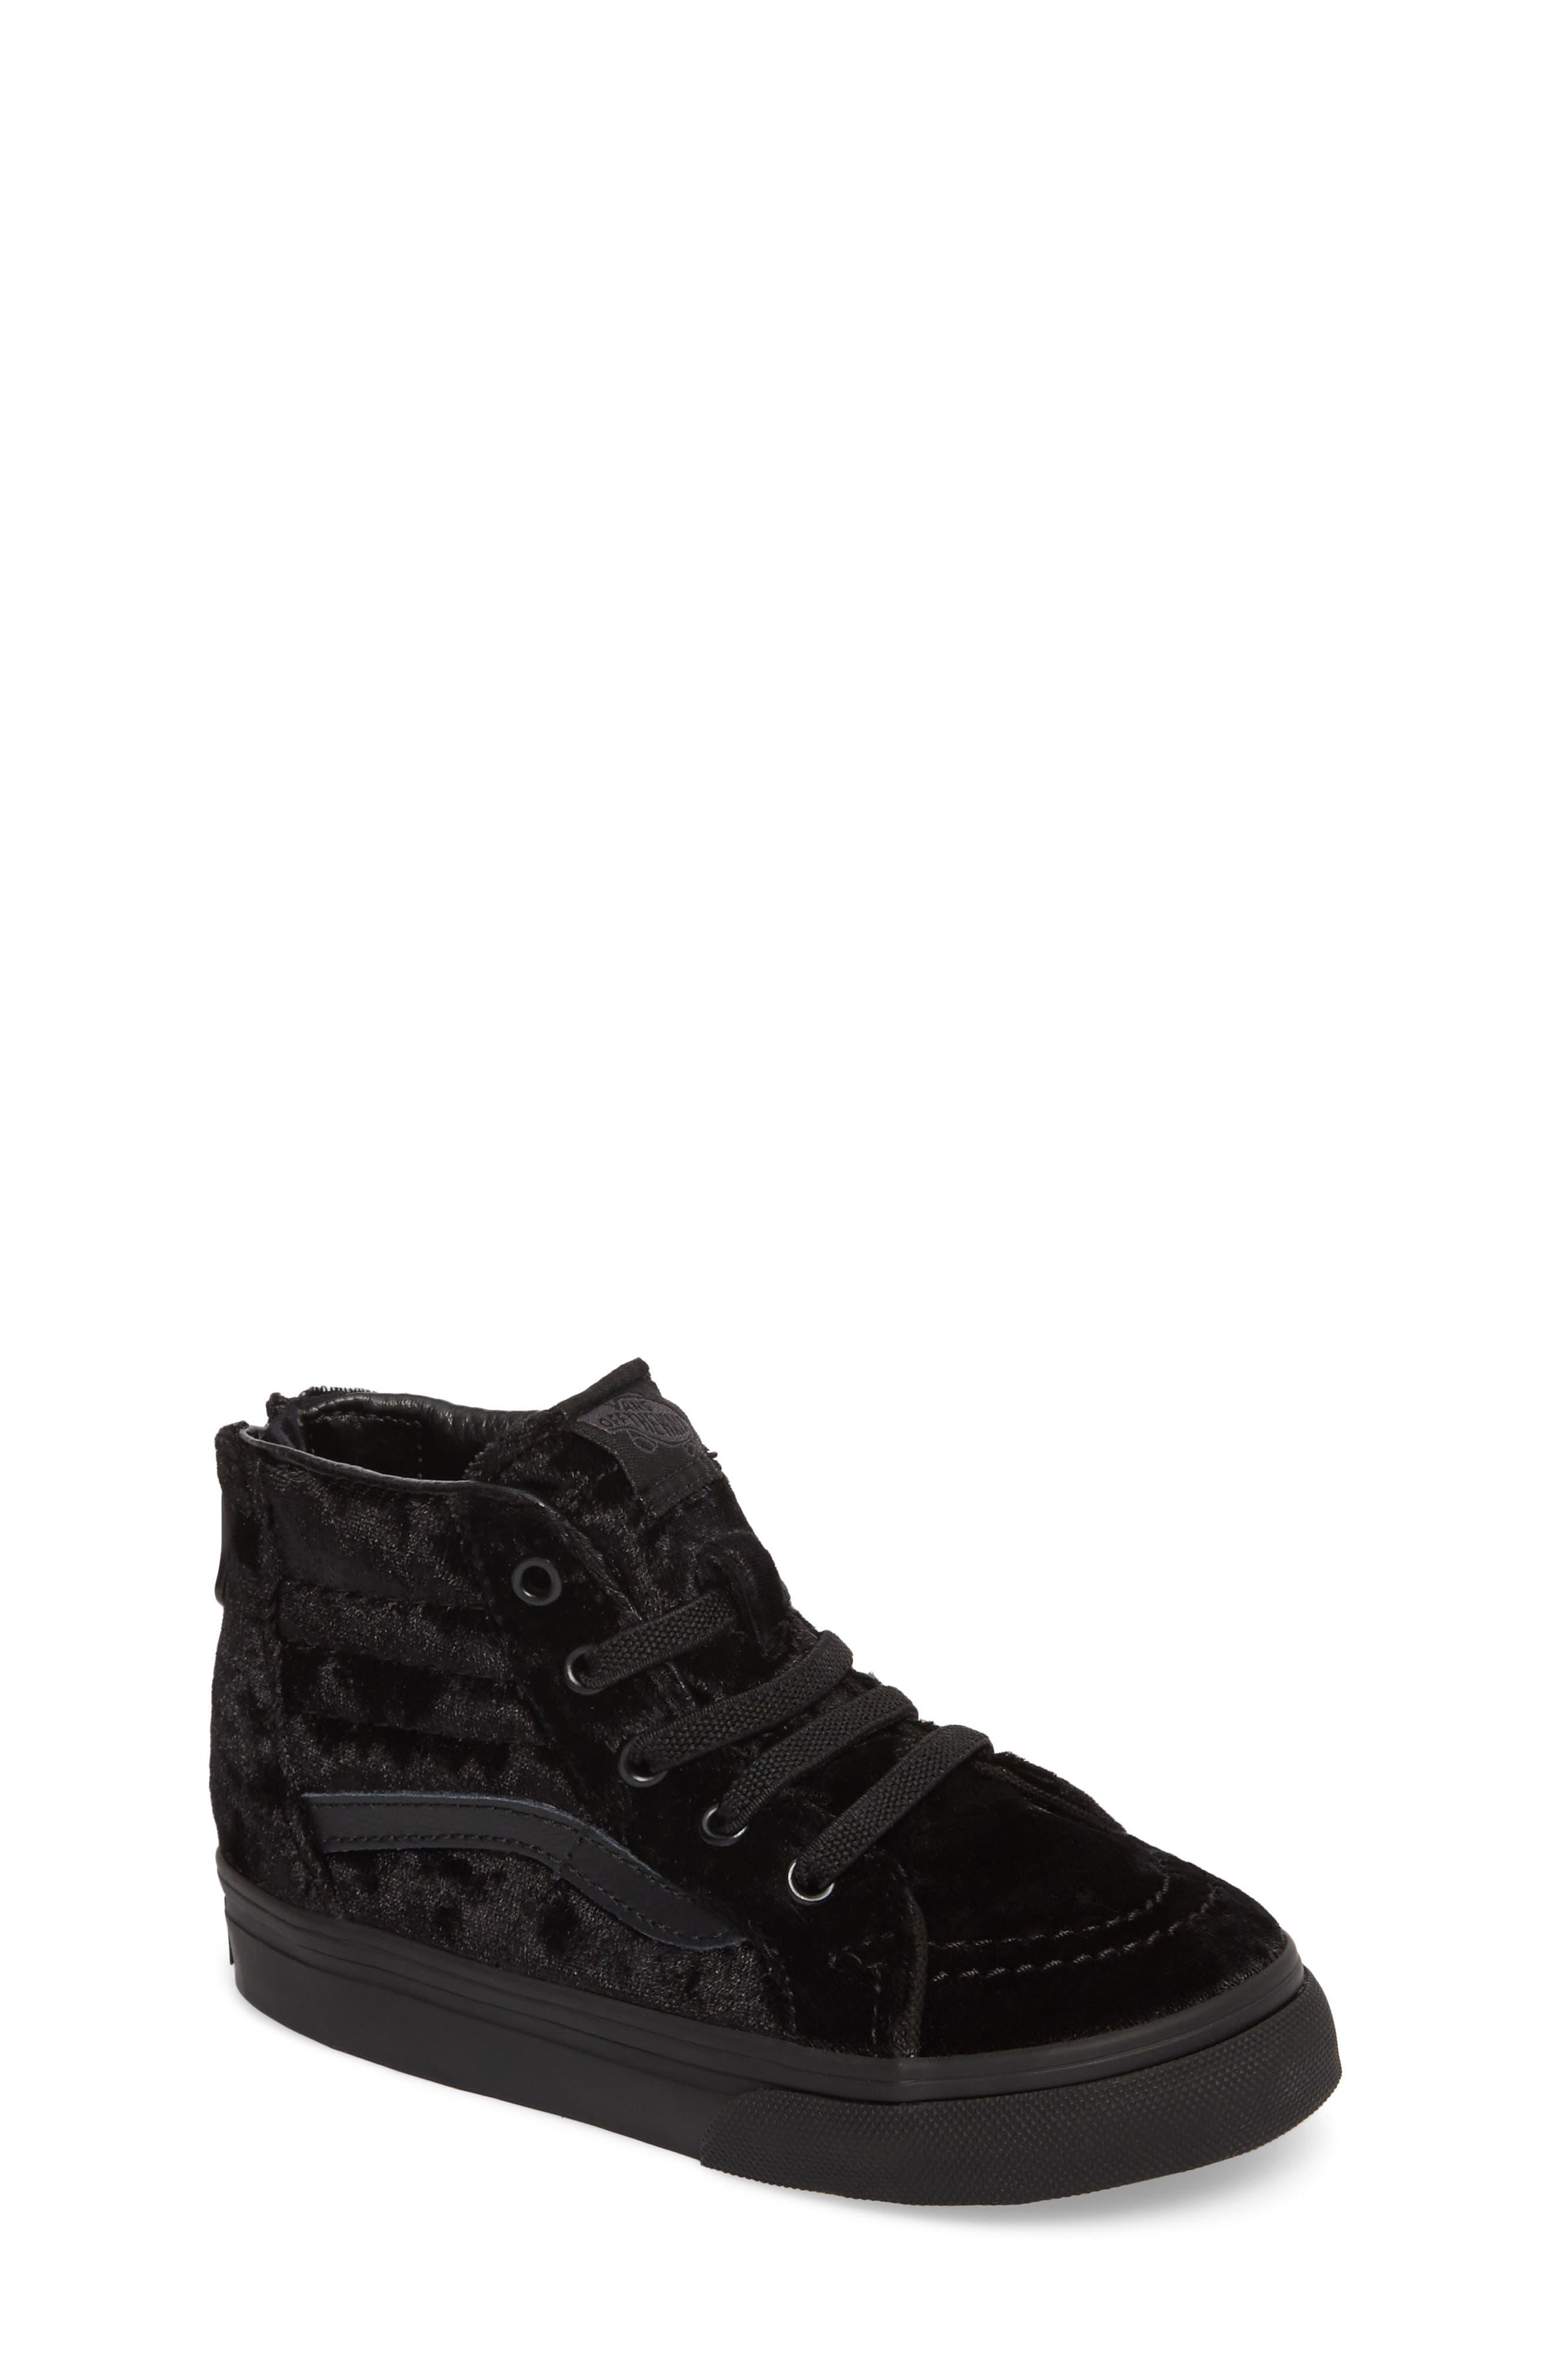 SK8-Hi Zip Sneaker,                             Main thumbnail 1, color,